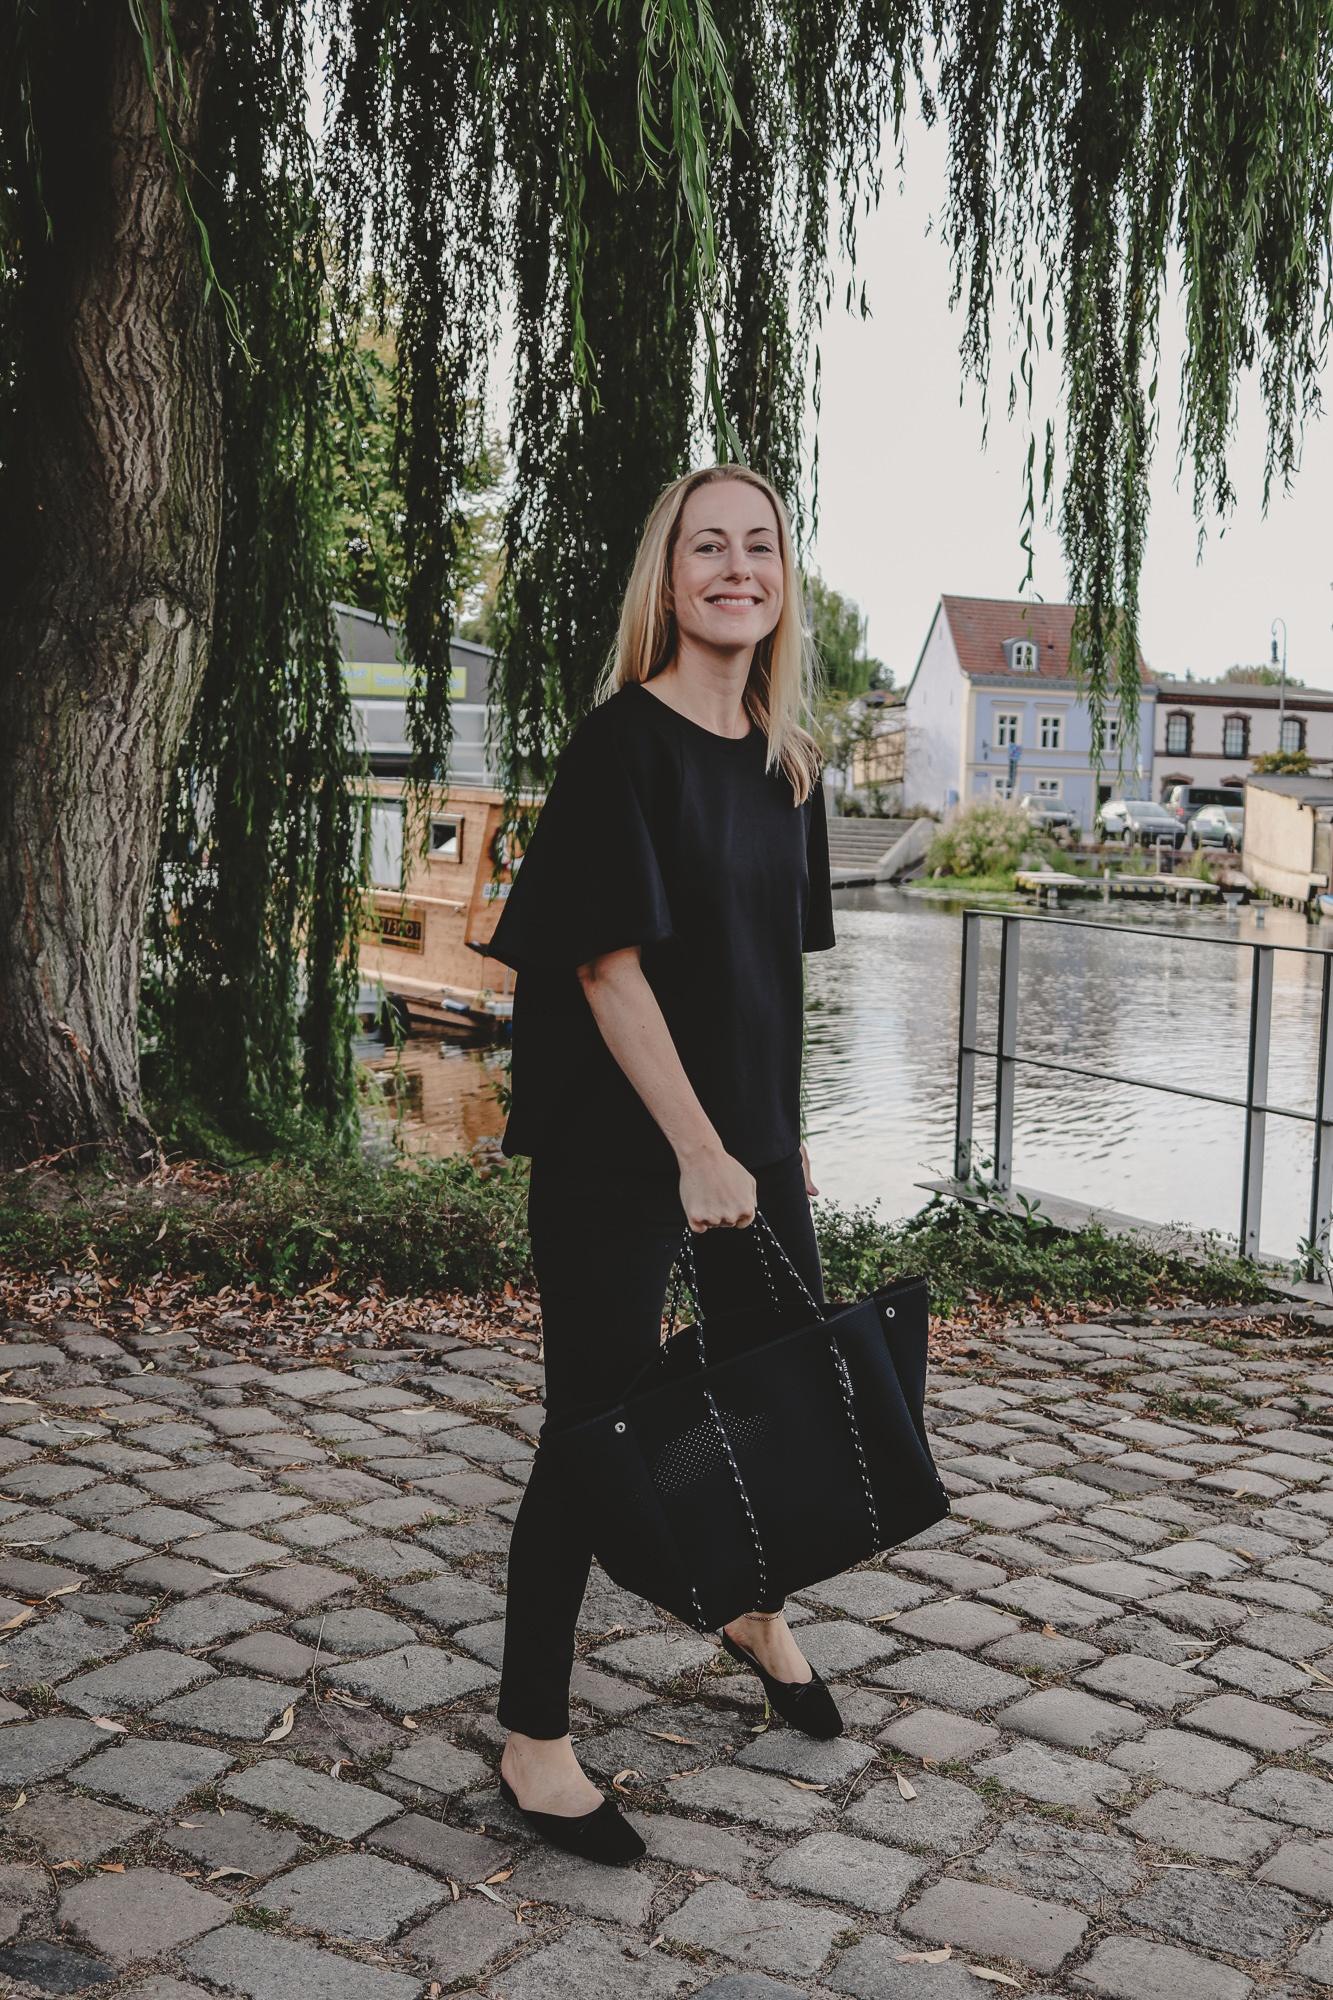 All Black in Brandenburg |Werbung, enthält Affiliate Link